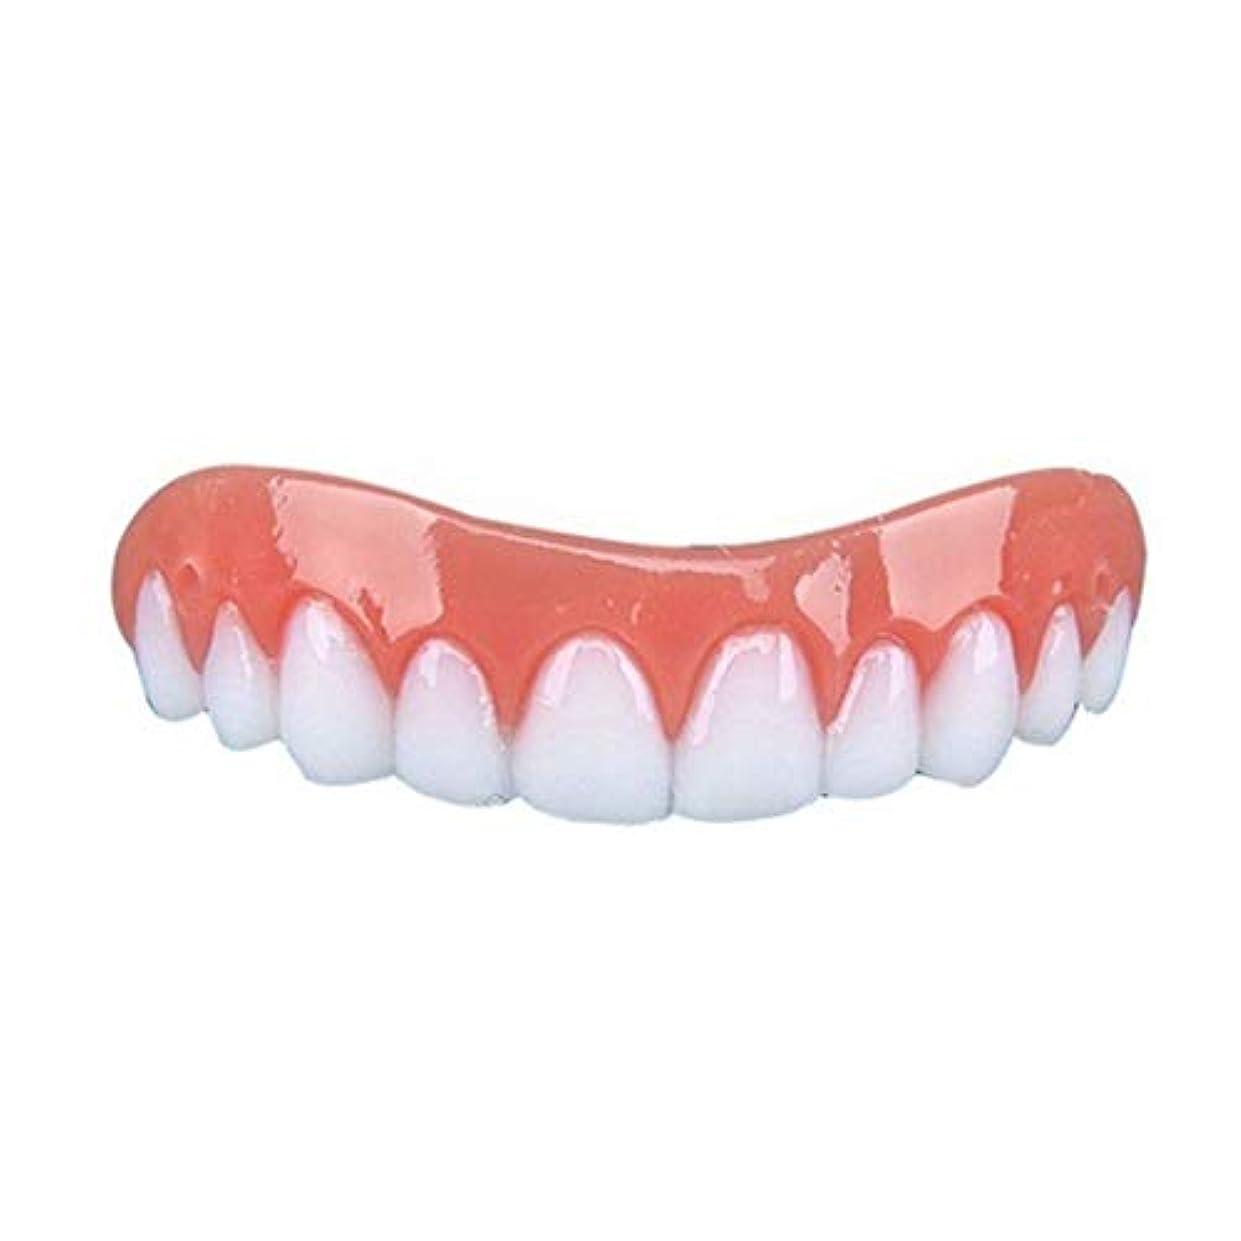 オピエートカルシウムひまわりBartram 歯カバー シリコン義歯ペースト 上歯 笑顔を保つ 歯保護 美容用 入れ歯 矯正義歯